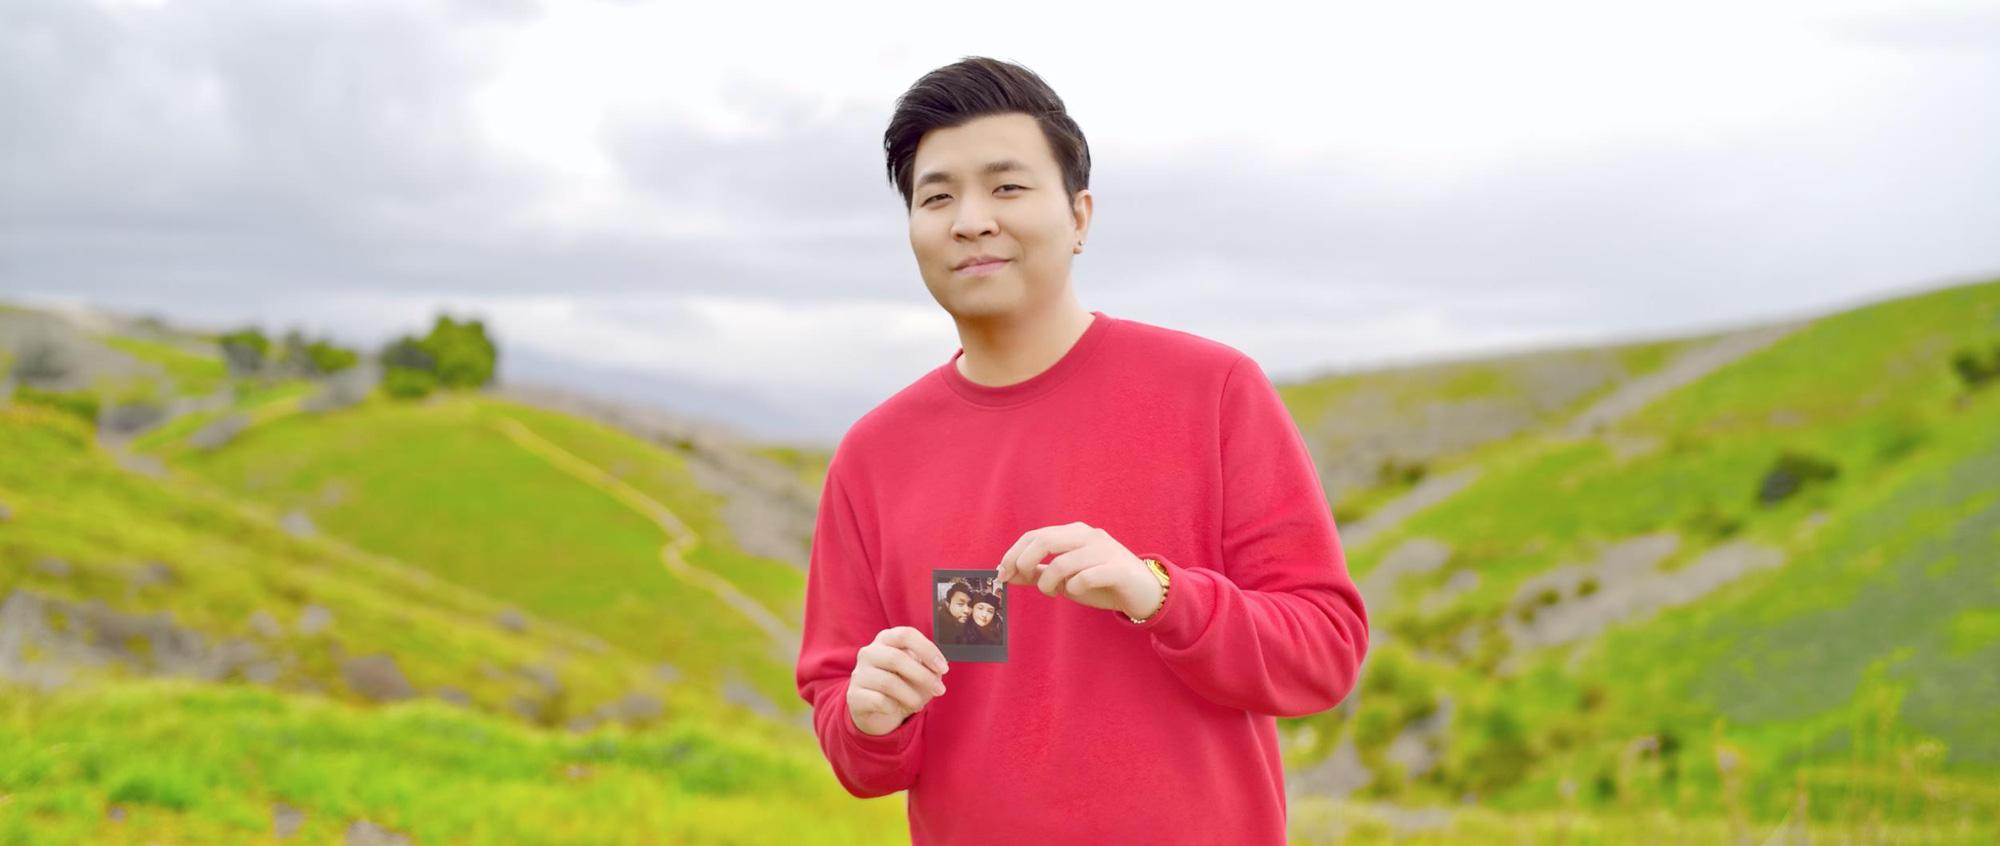 Anh Khang ra mắt ca khúc ngọt lịm tim cho các cặp đôi, hiếm hoi chia sẻ về vợ - Ảnh 1.